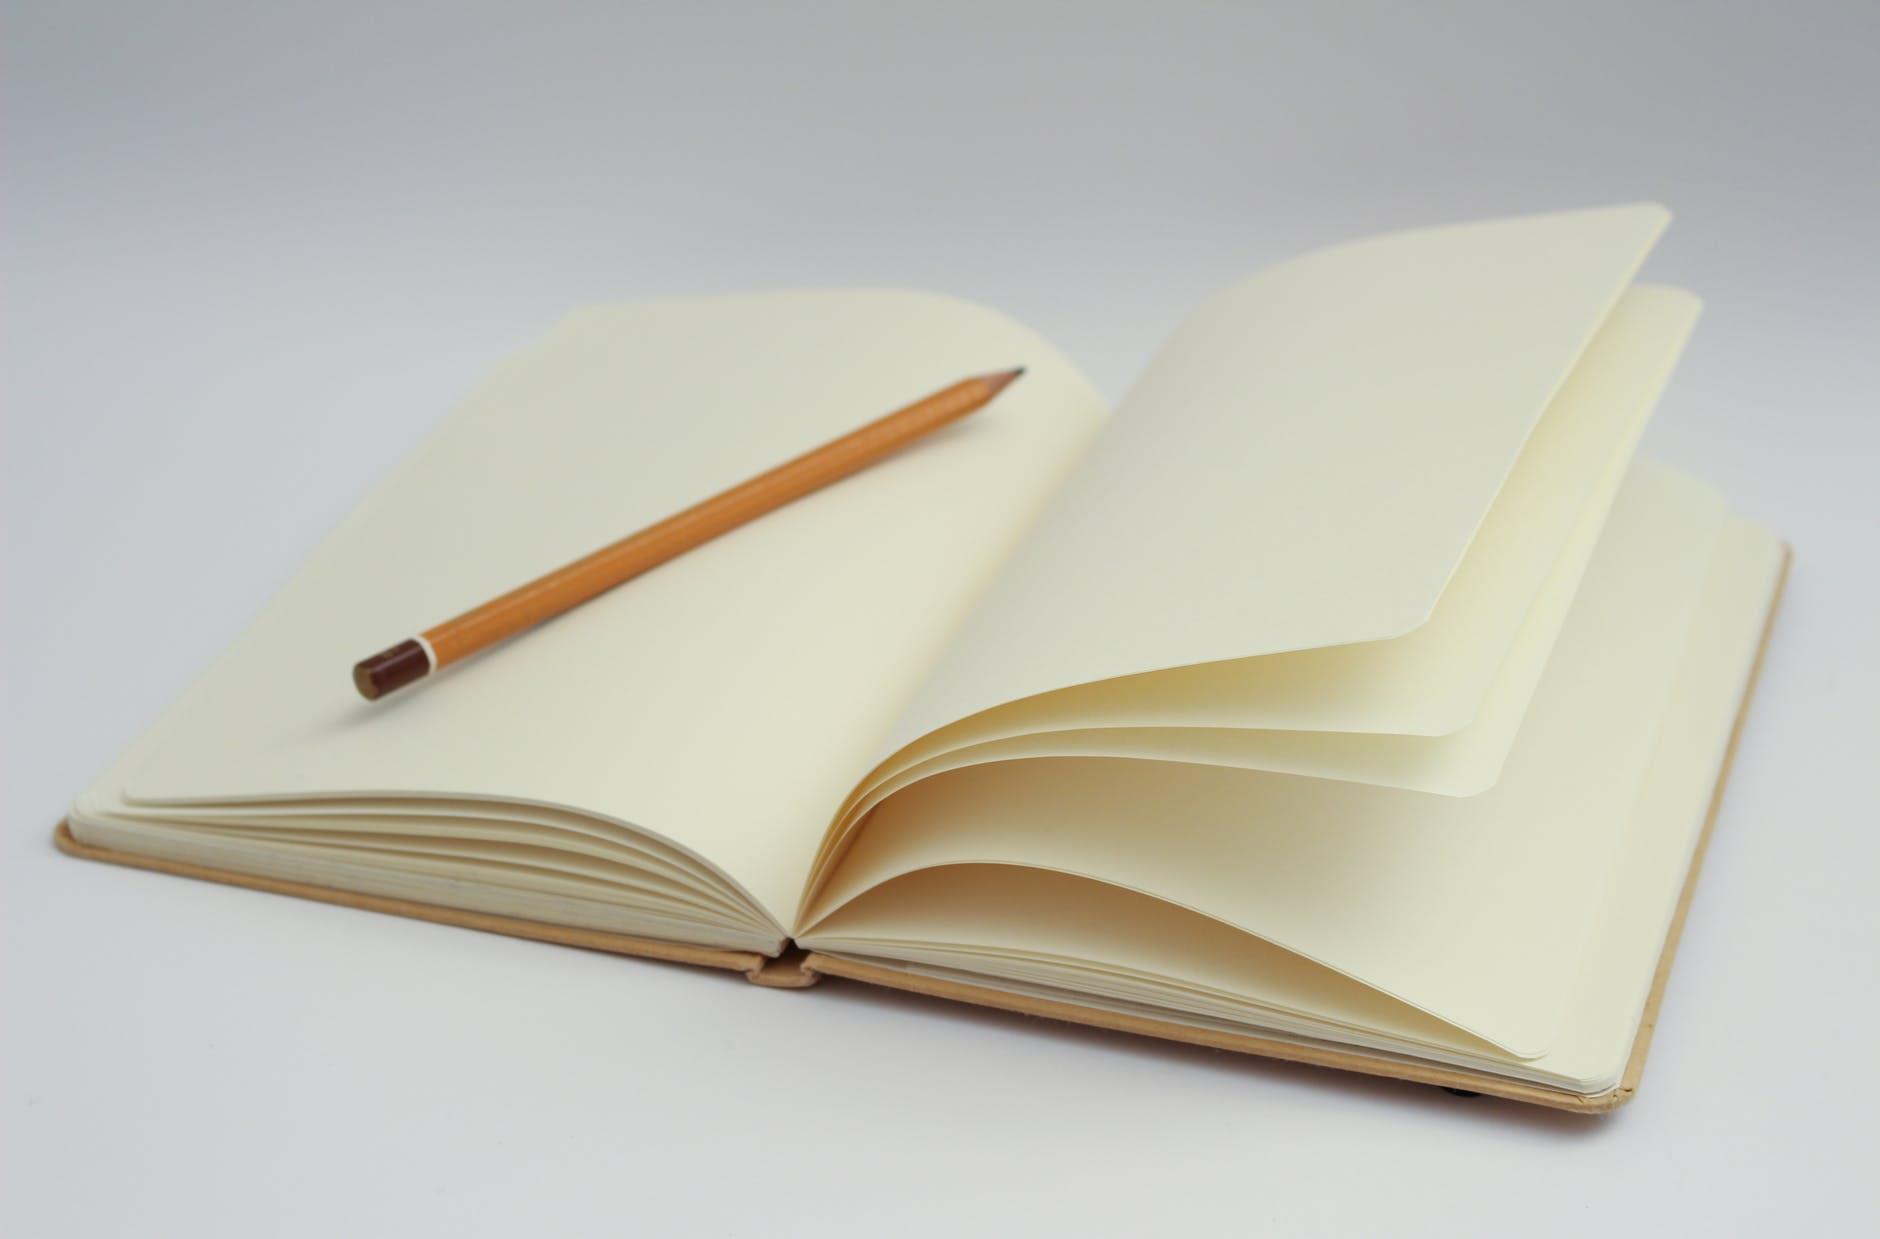 caderno escrever lápis começar